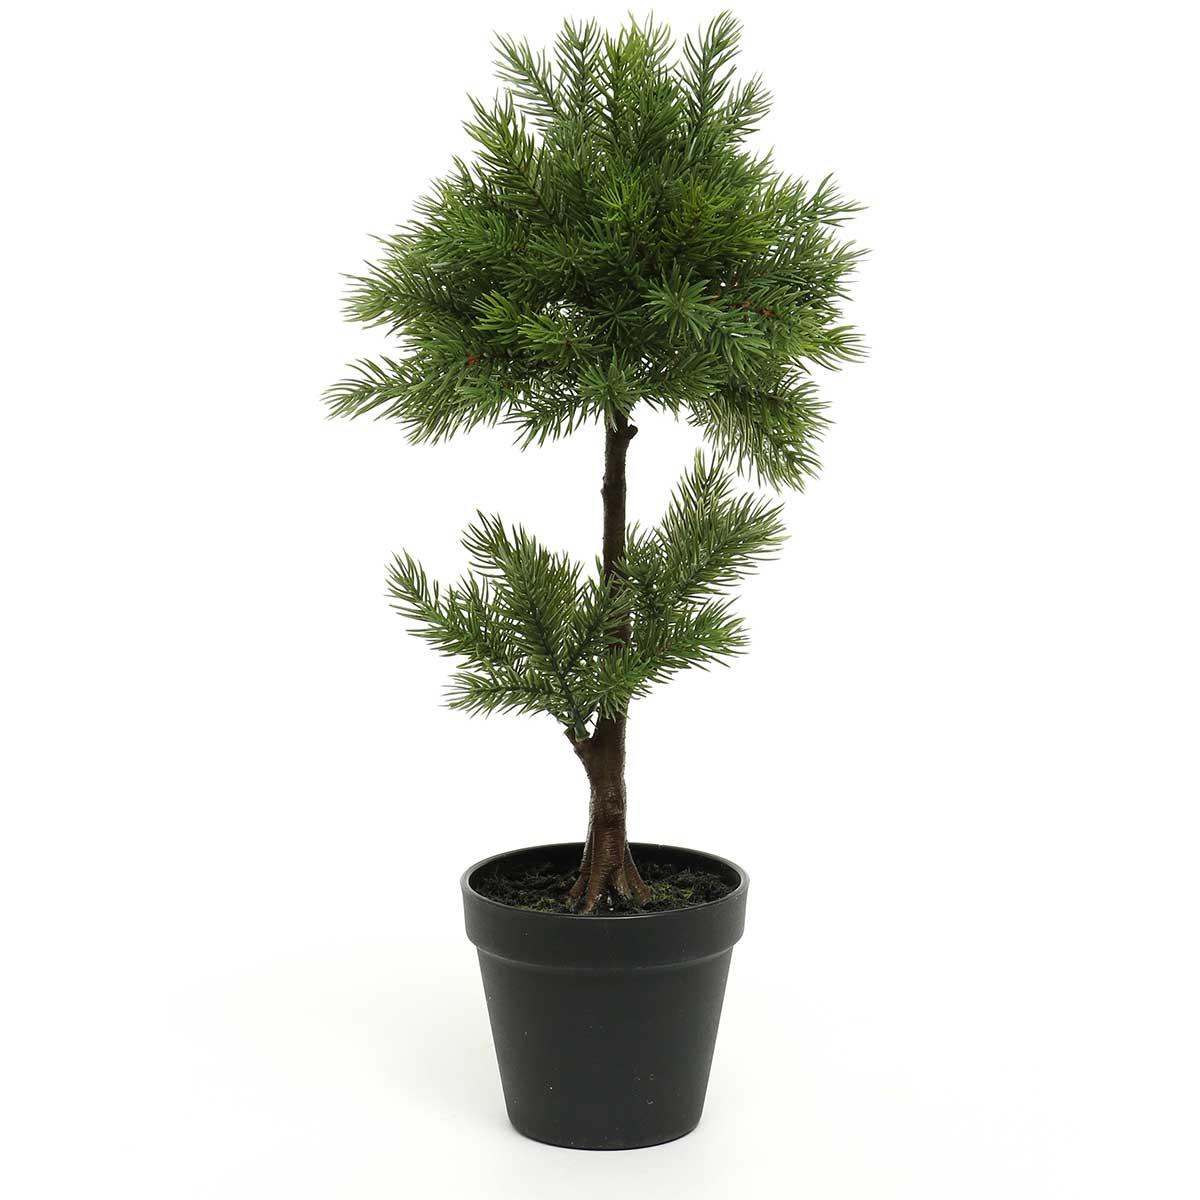 """BALSAM FIR TOPIARY TREE IN BLACK HEAVY PLASTIC POT 8""""X18.5"""""""